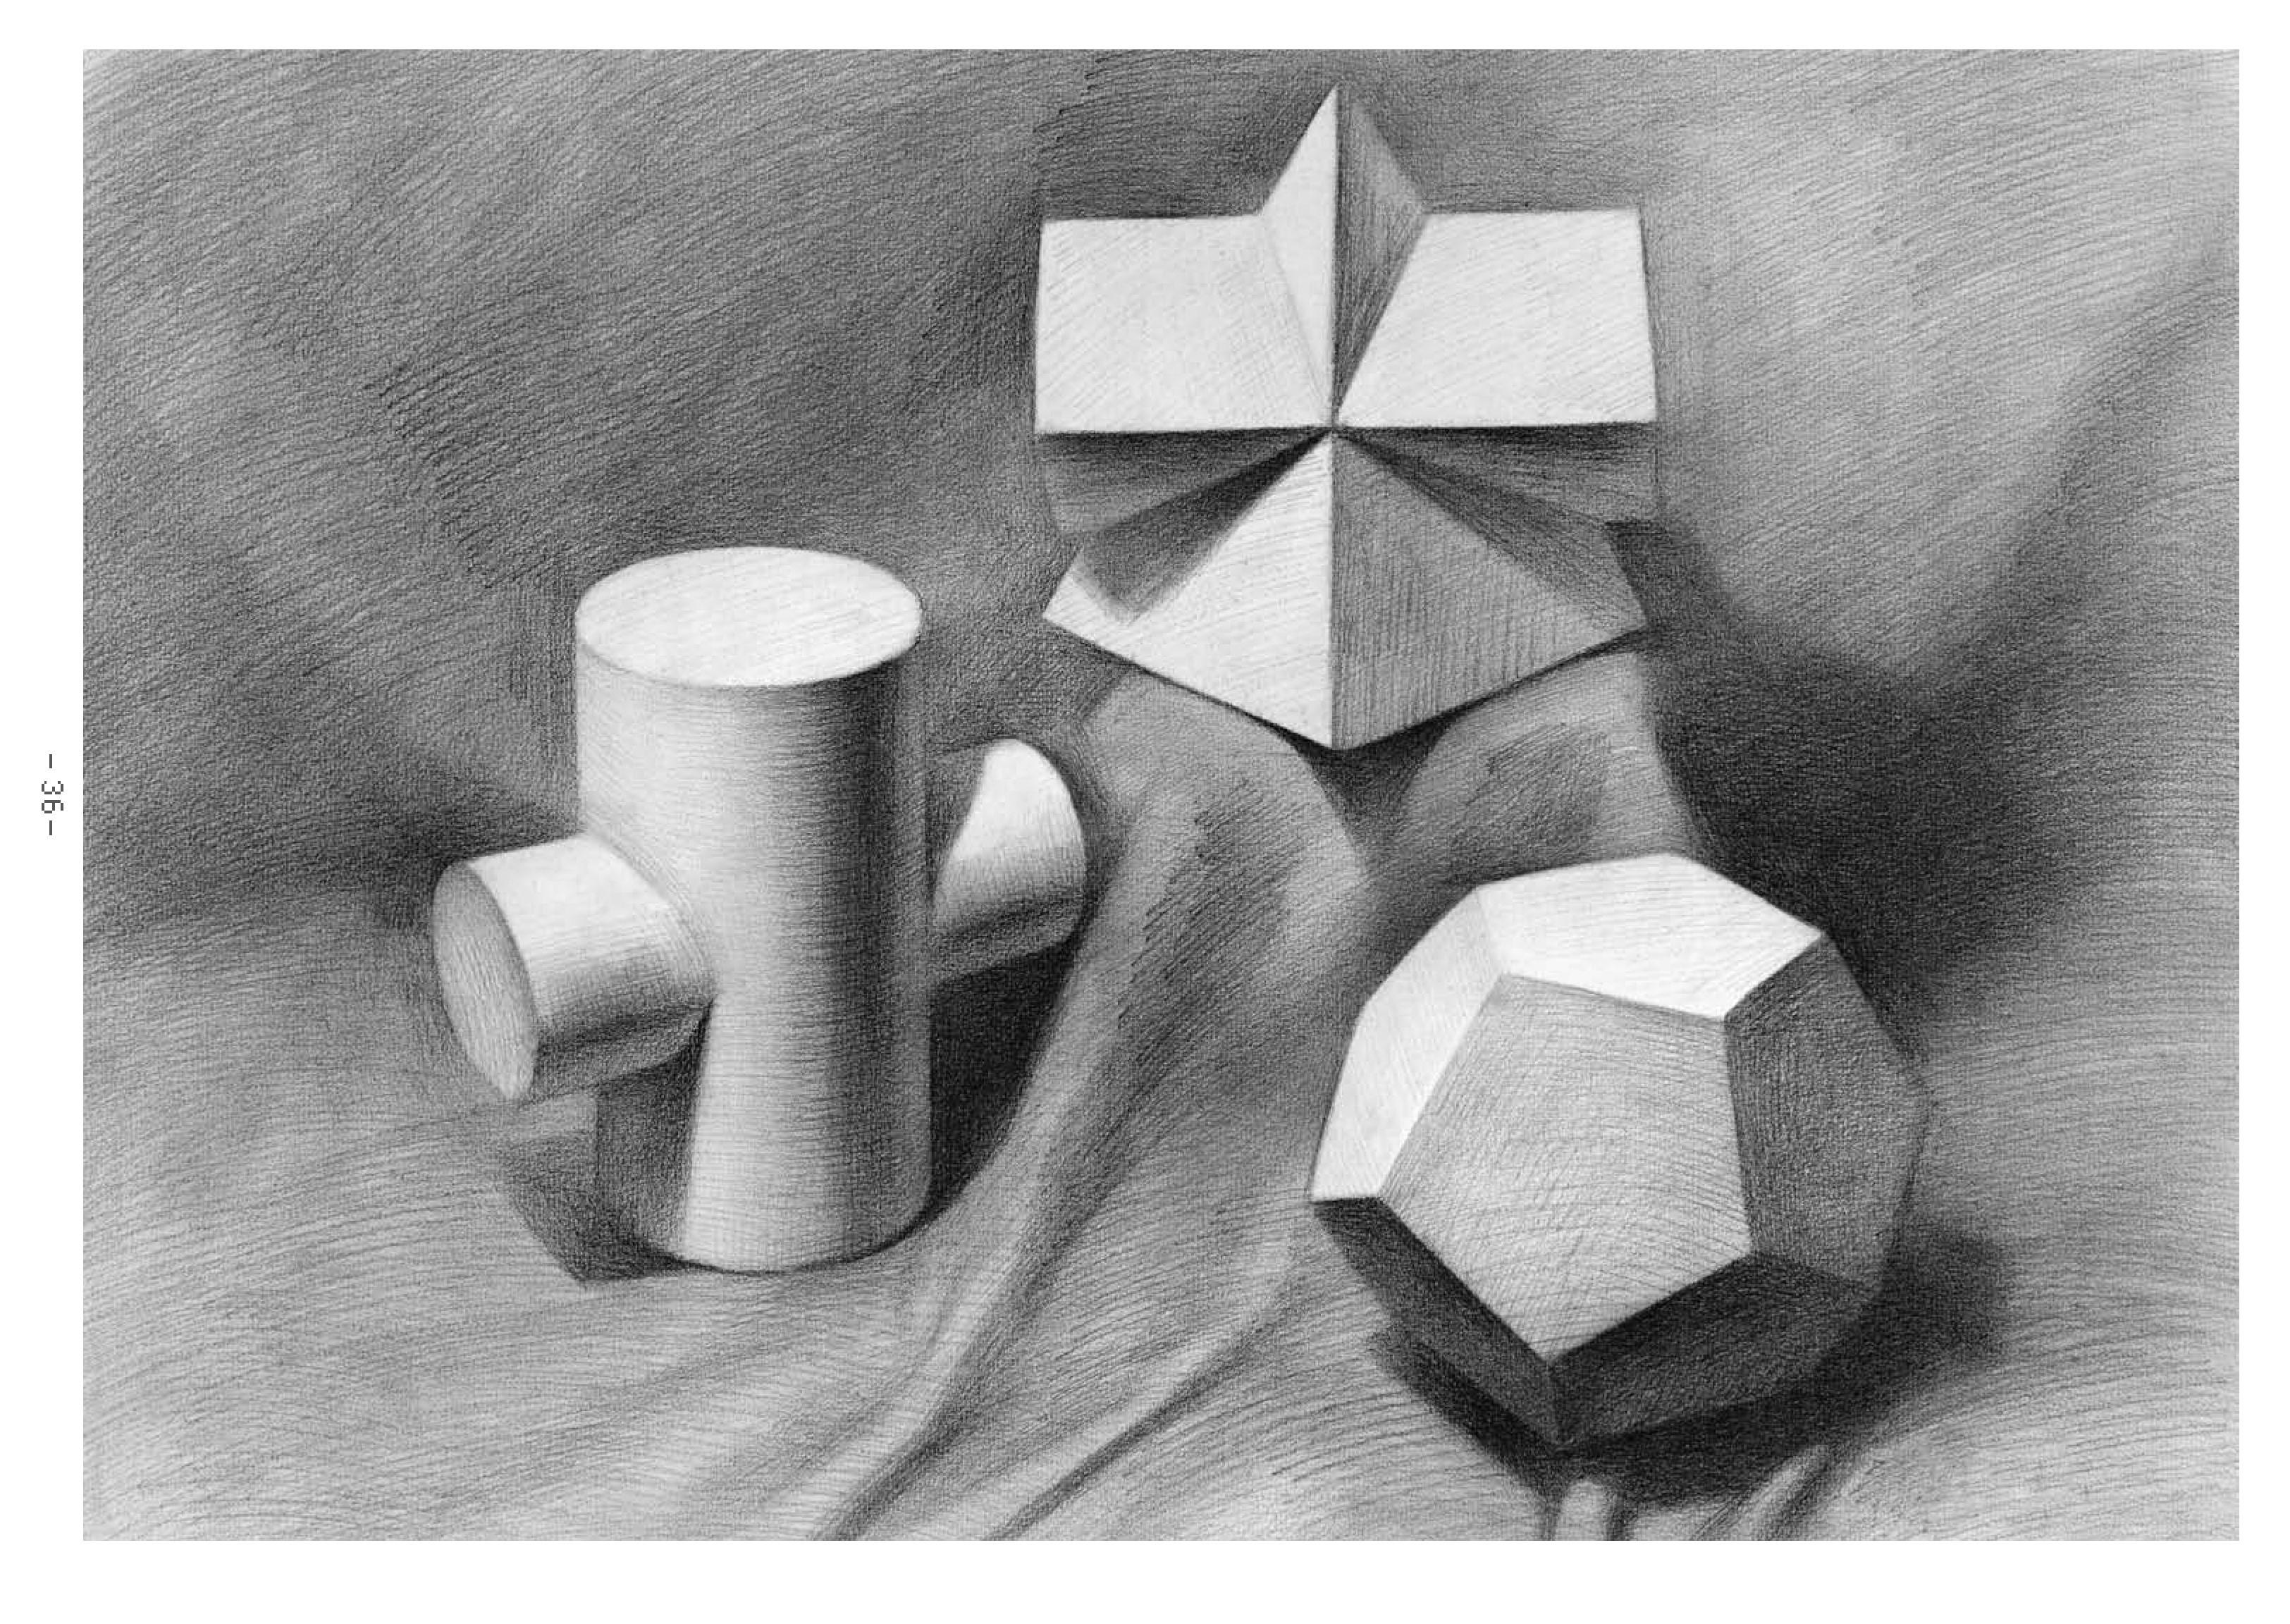 正版 零基础学素描 绘画速成教程 石膏几何体 从结构到明暗 绘画入门